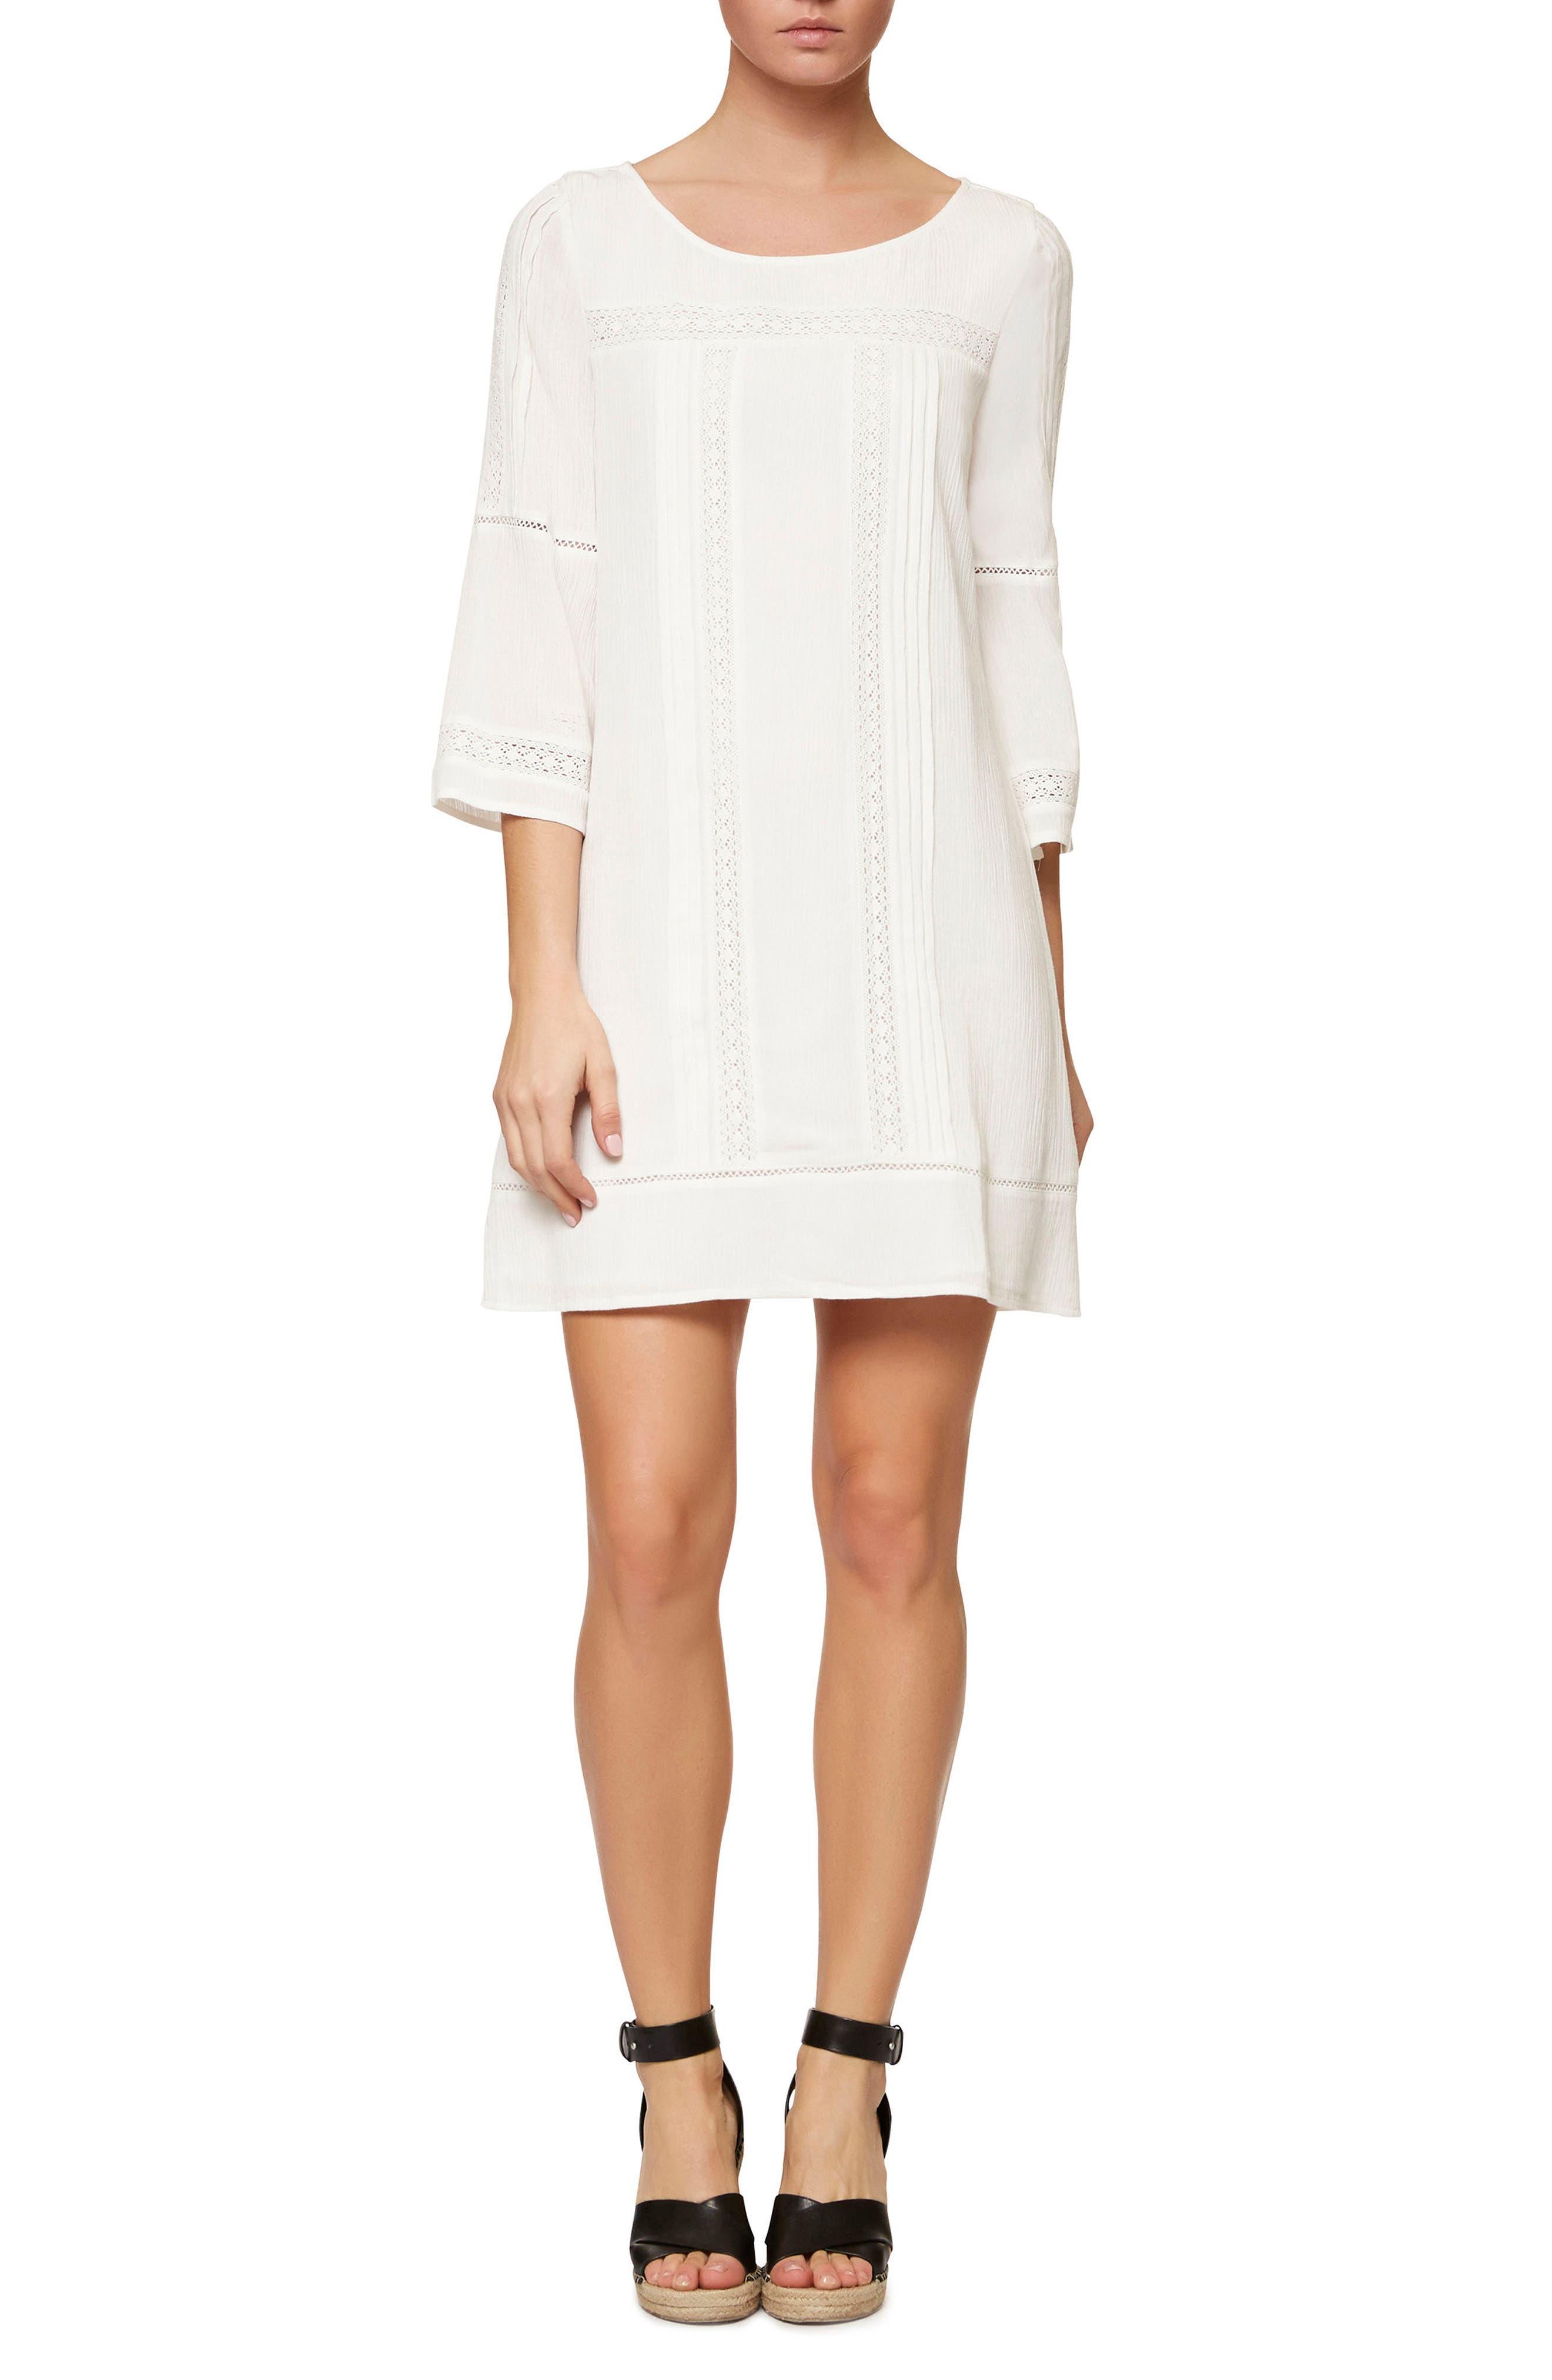 Alternate Image 1 Selected - Sanctuary Lace Trim Shift Dress